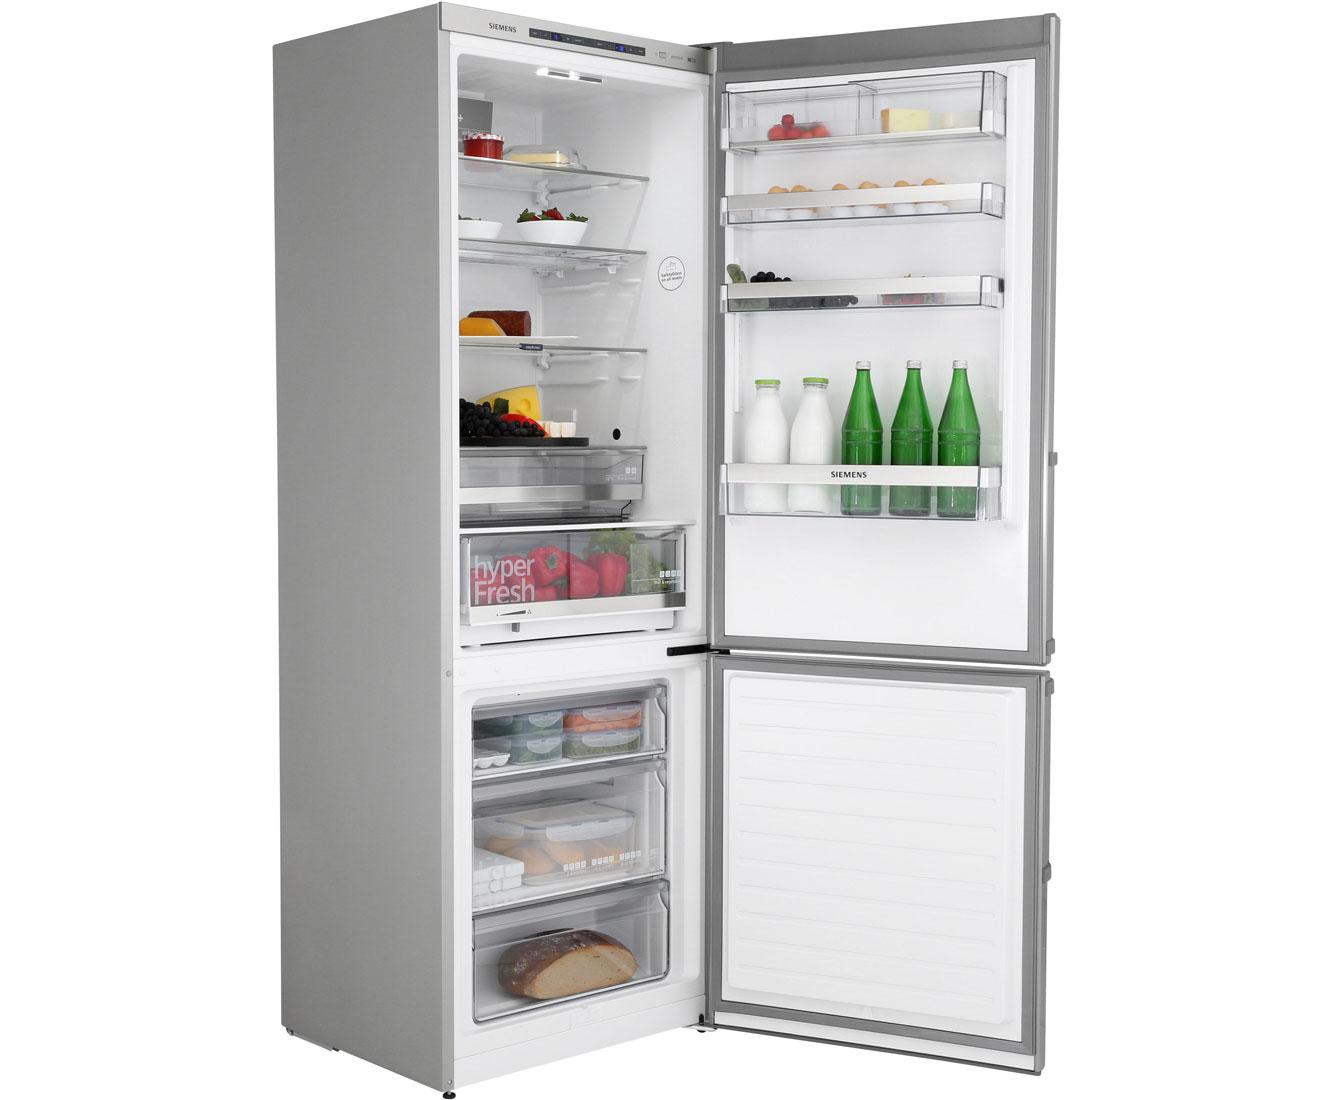 Kühlschrank Groß : Kühlschrank haushaltsgeräte gebraucht kaufen in groß gerau ebay